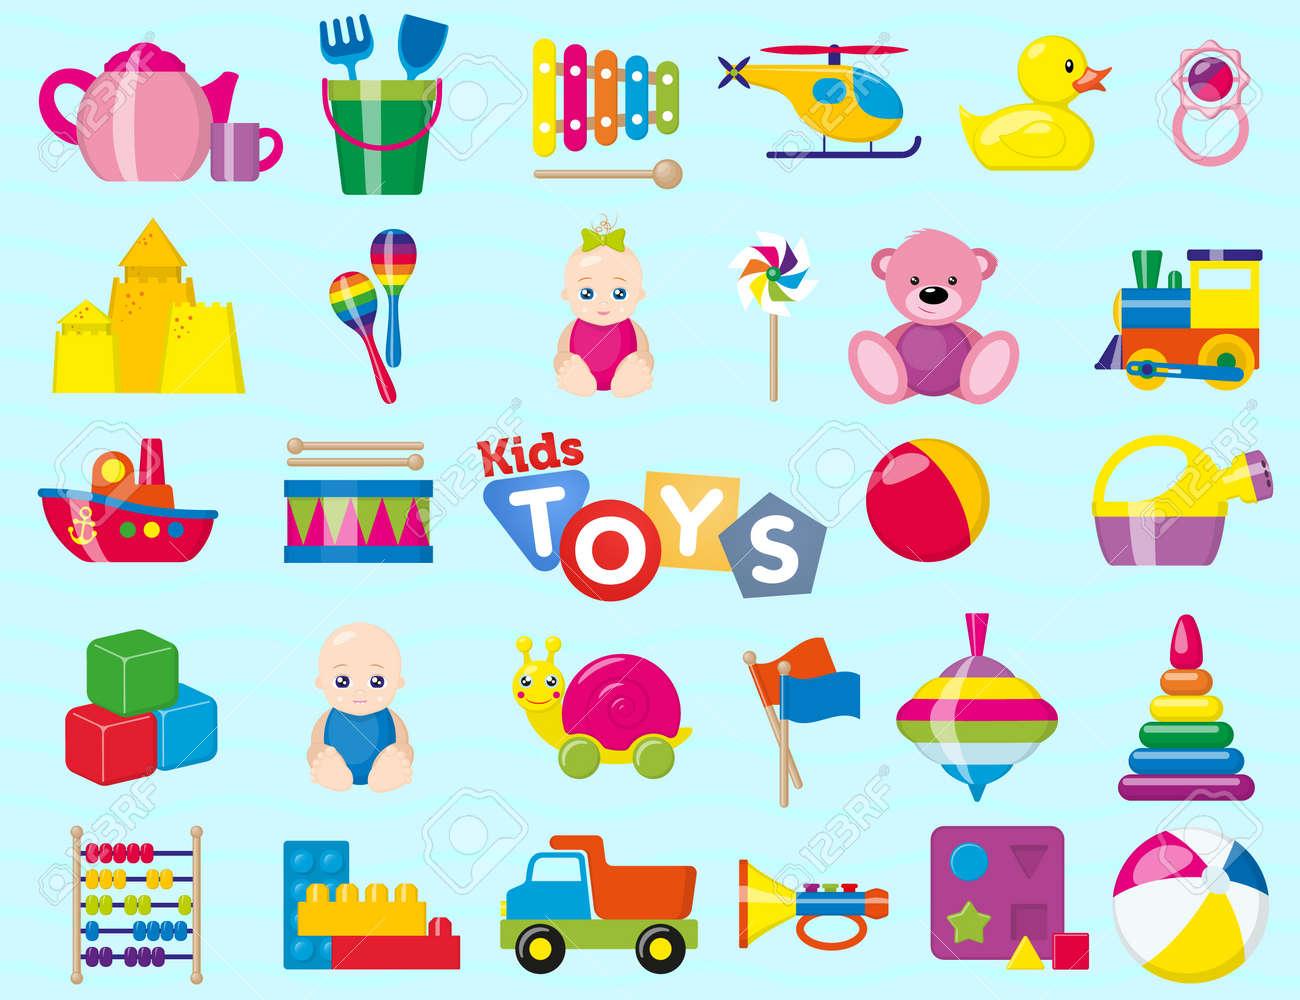 Giocattoli Per Bambini Un Set Di Giocattoli Per Bambini Per I Più Piccoli Illustrazione Vettoriale